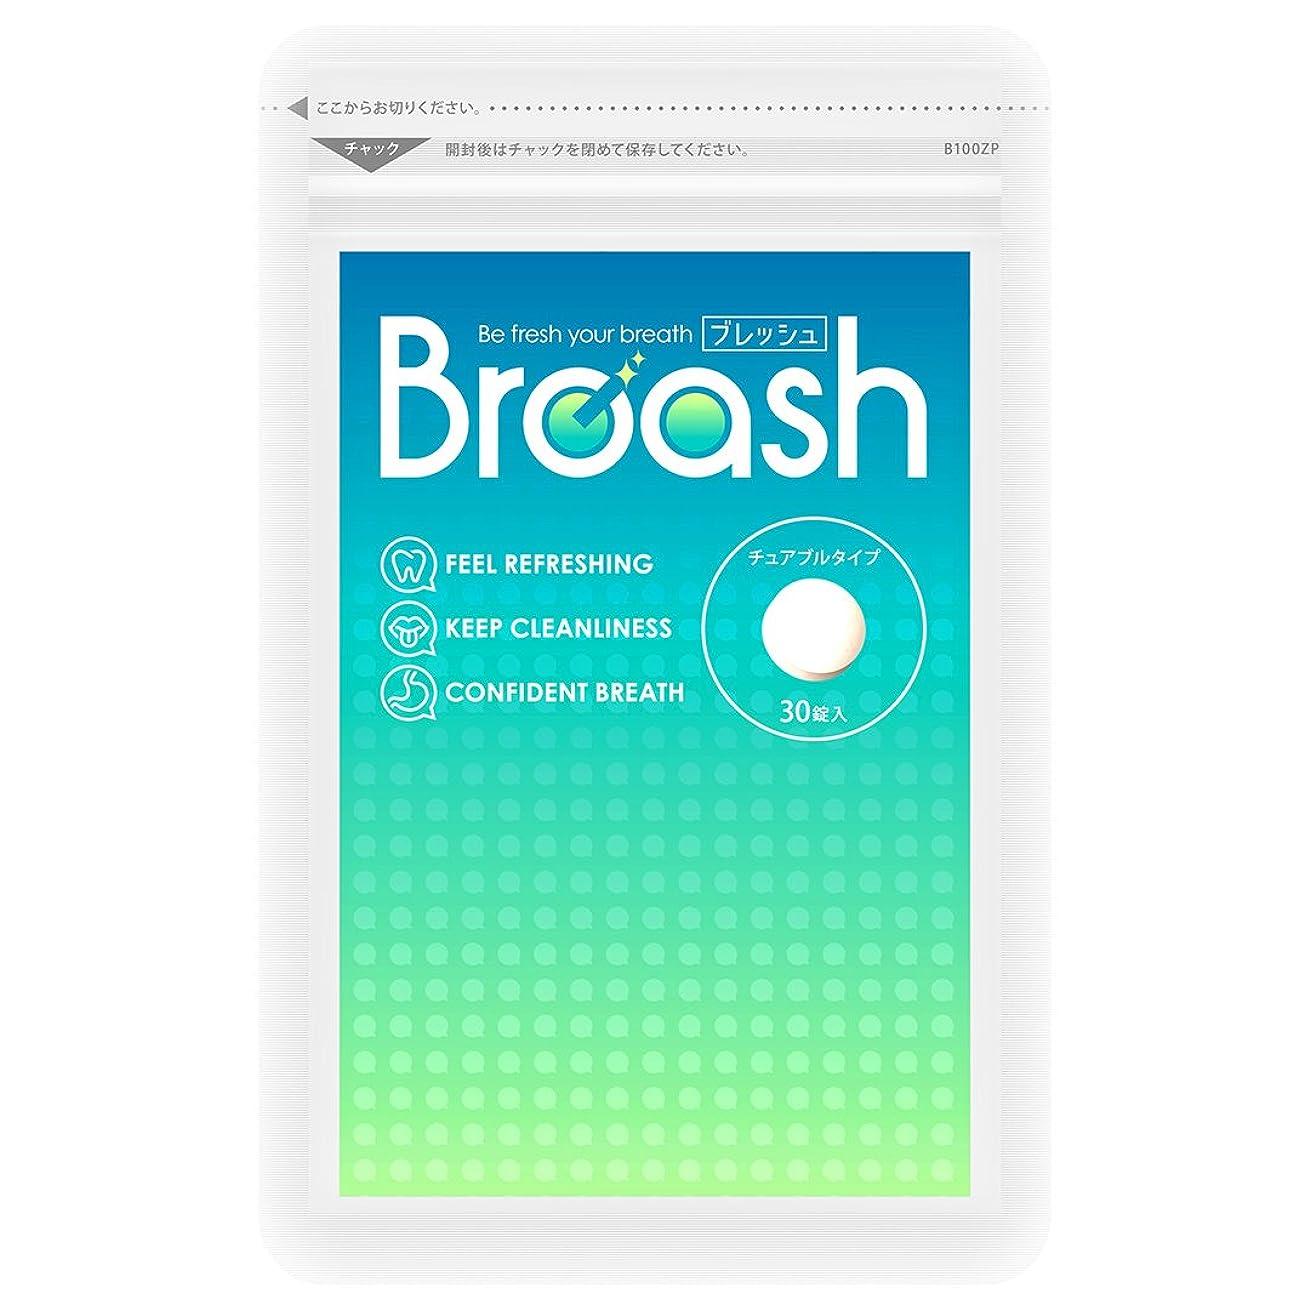 飼い慣らす離婚シャンパンBreash(ブレッシュ) 口臭 サプリ タブレット チュアブルタイプ (30粒入り)